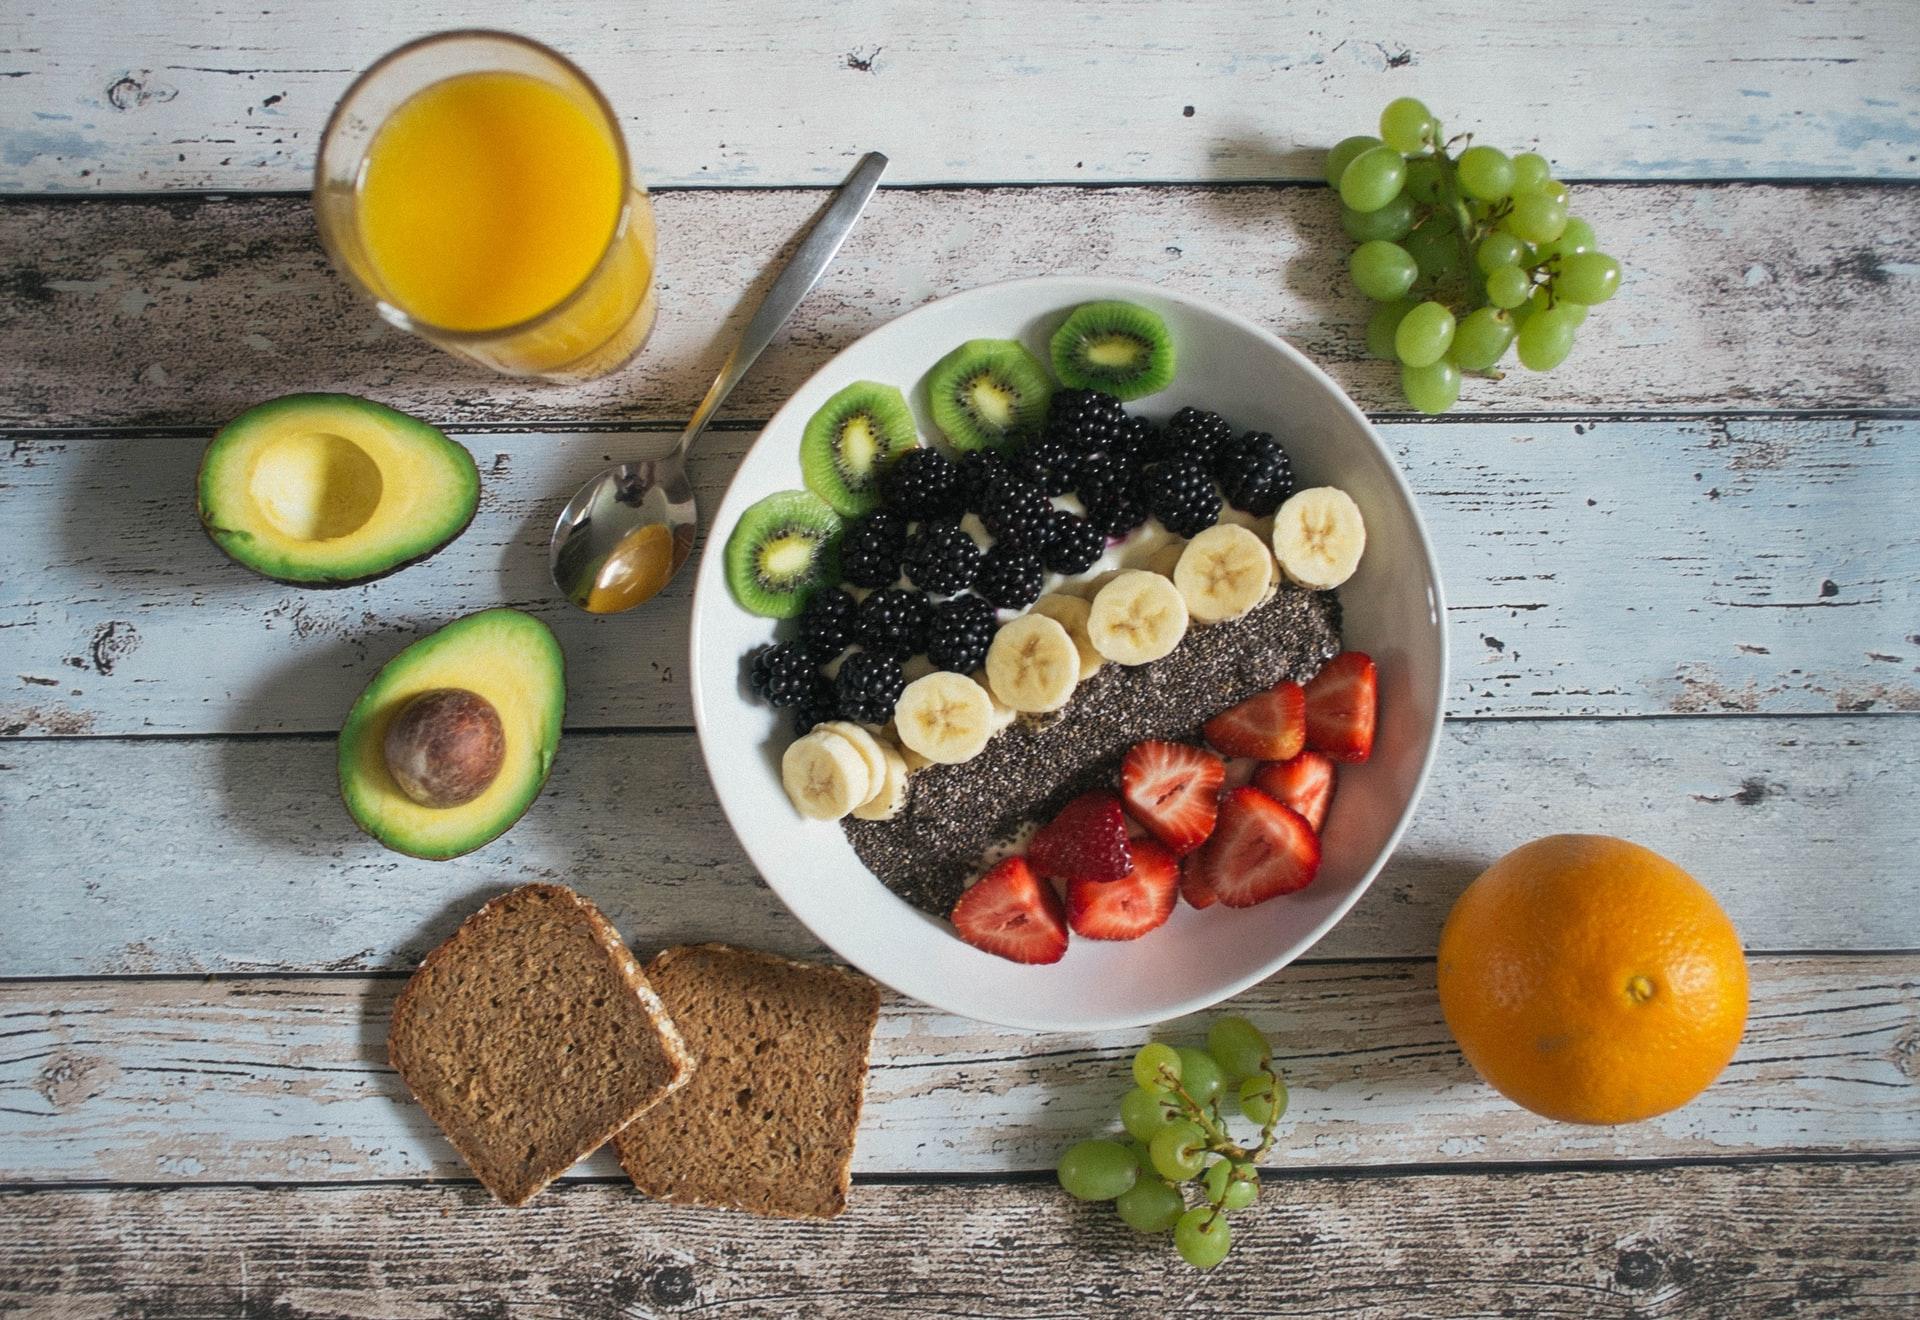 jak dbać o zdrowie - właściwa dieta